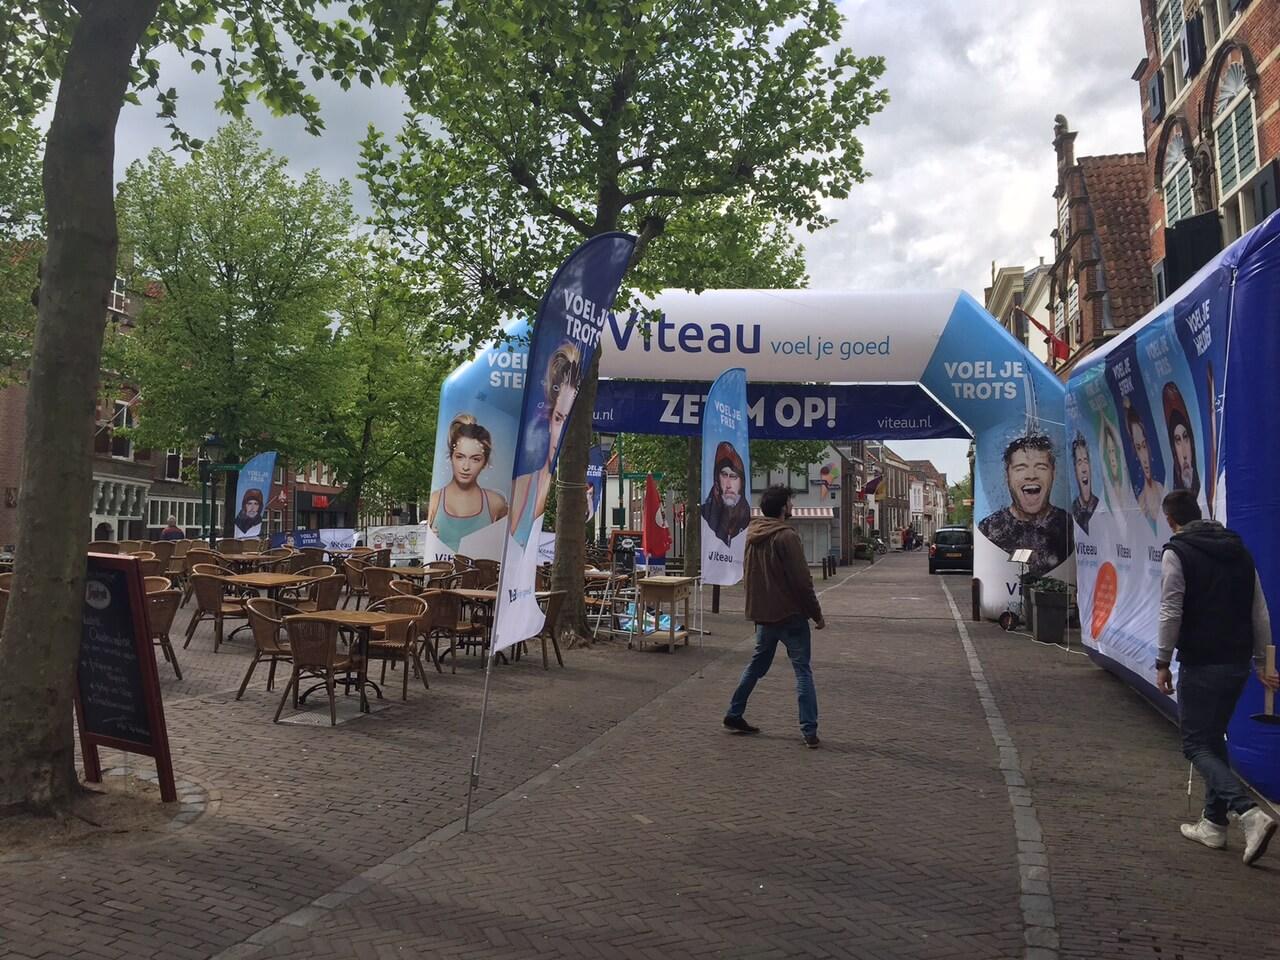 viteau - virts for events - reclametent reclameboog reclamvlaggen banners